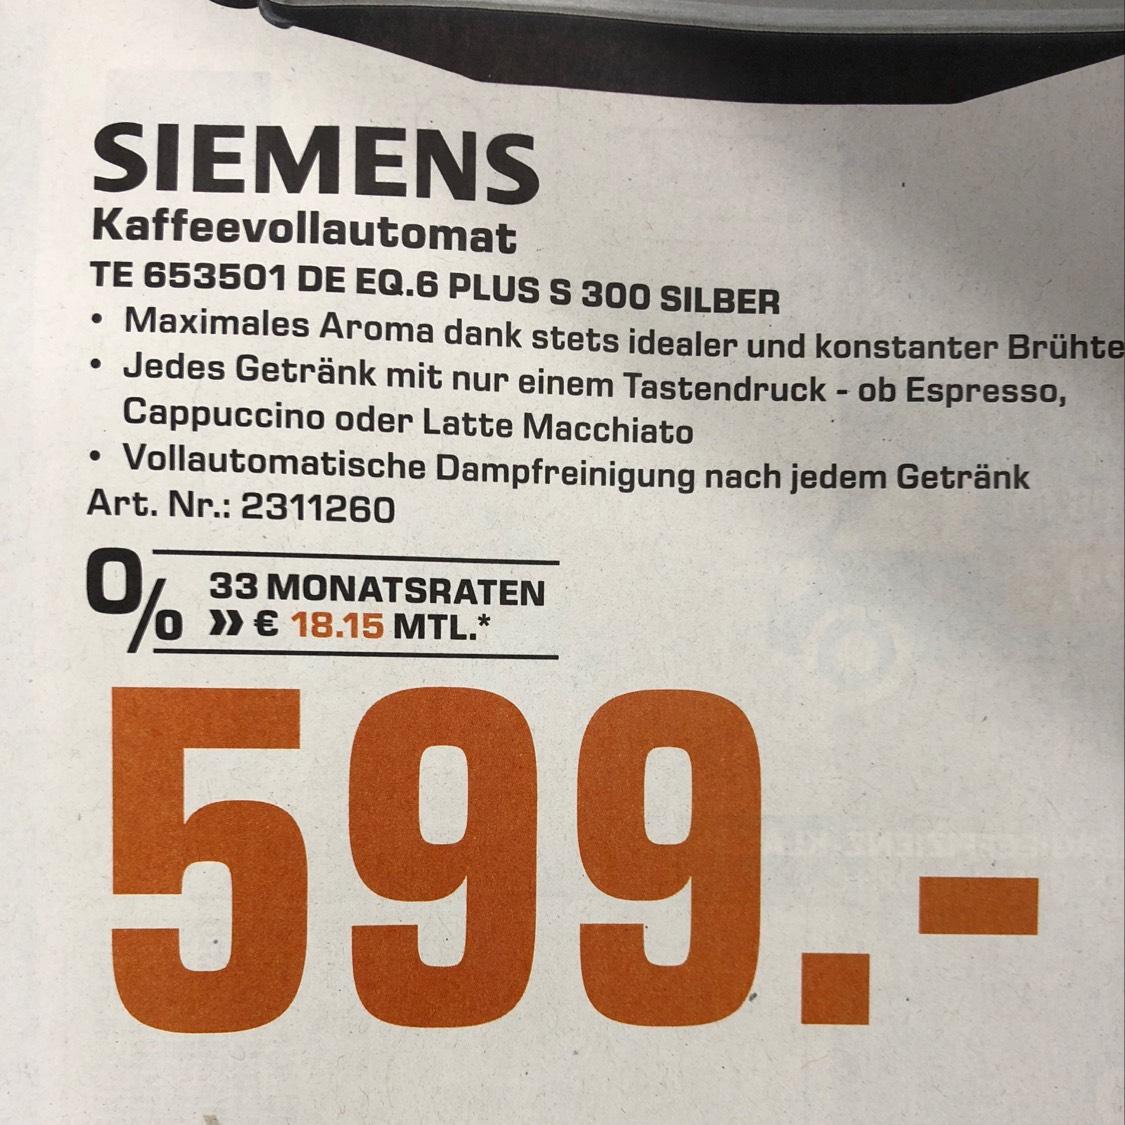 [Saturn HH] Siemens EQ.6 S300 TE653501 Silber Kaffeevollautomat 599,- - Lokal